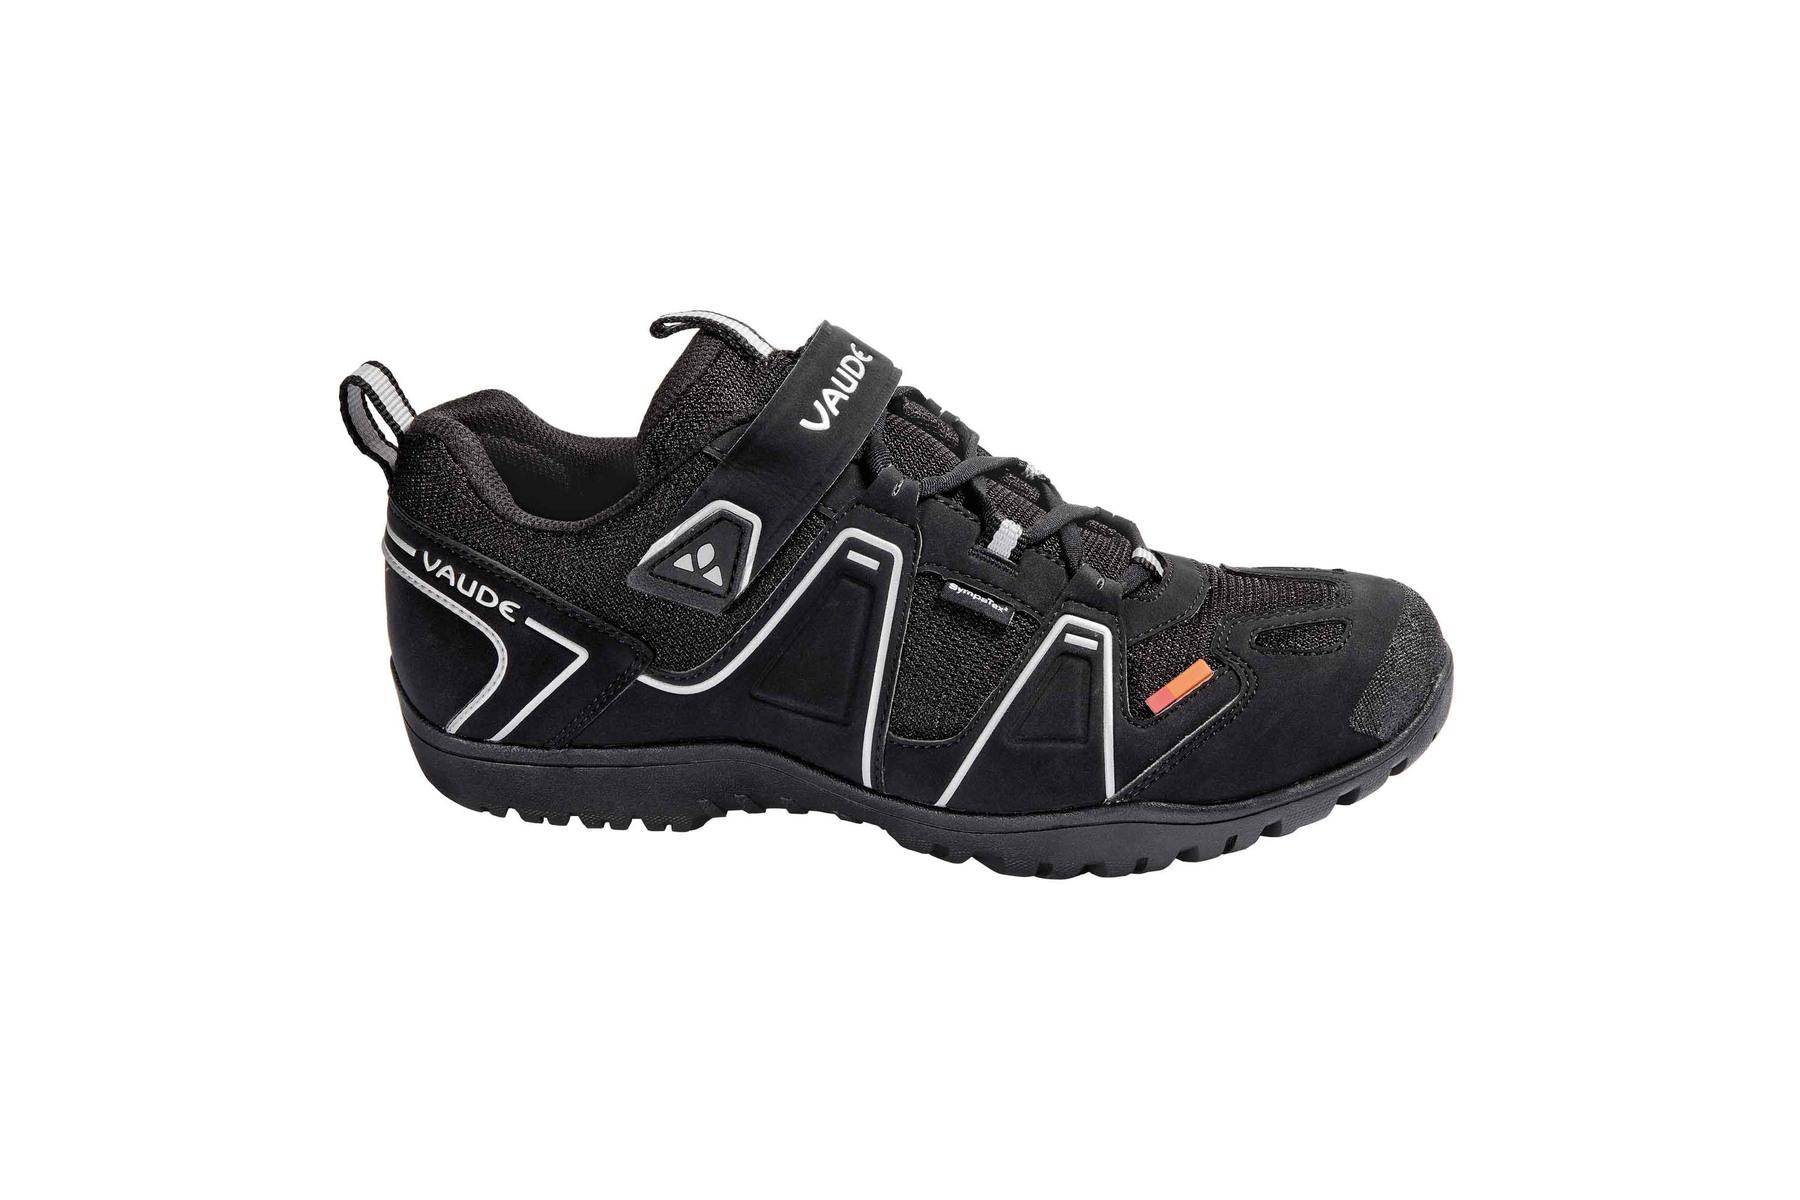 Chaussures Kimon Noir Vaude Pour Les Hommes i9DpAant